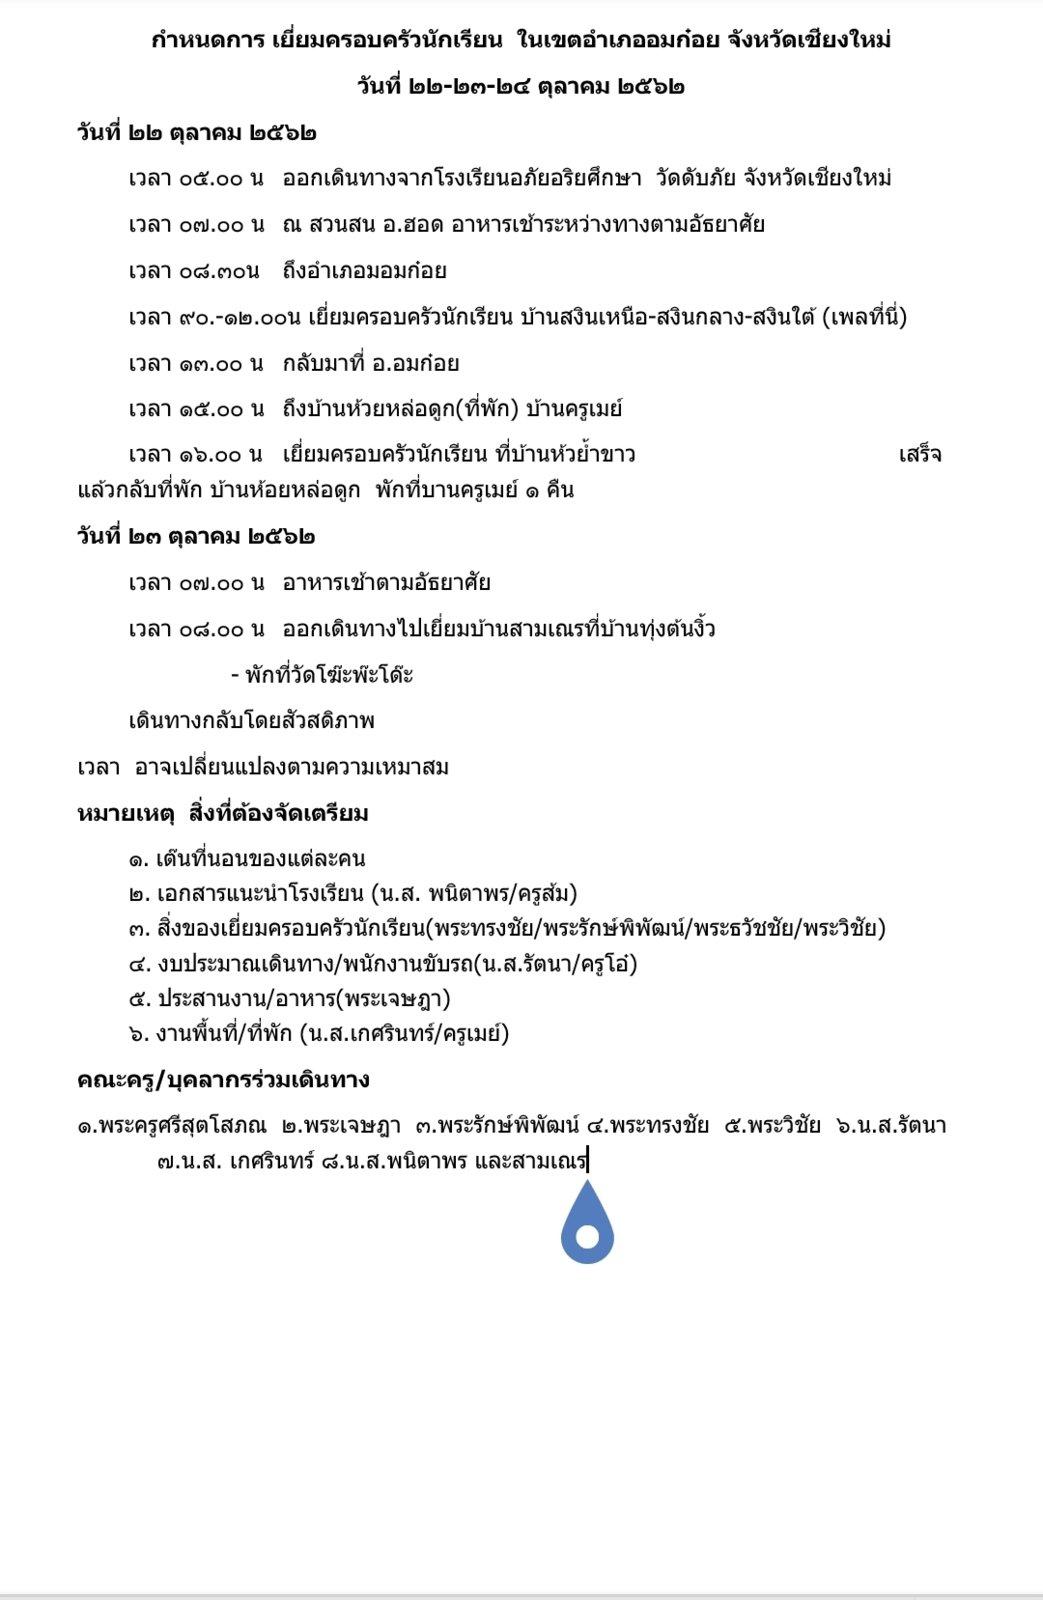 Screenshot_20191010-190704_Word.jpg